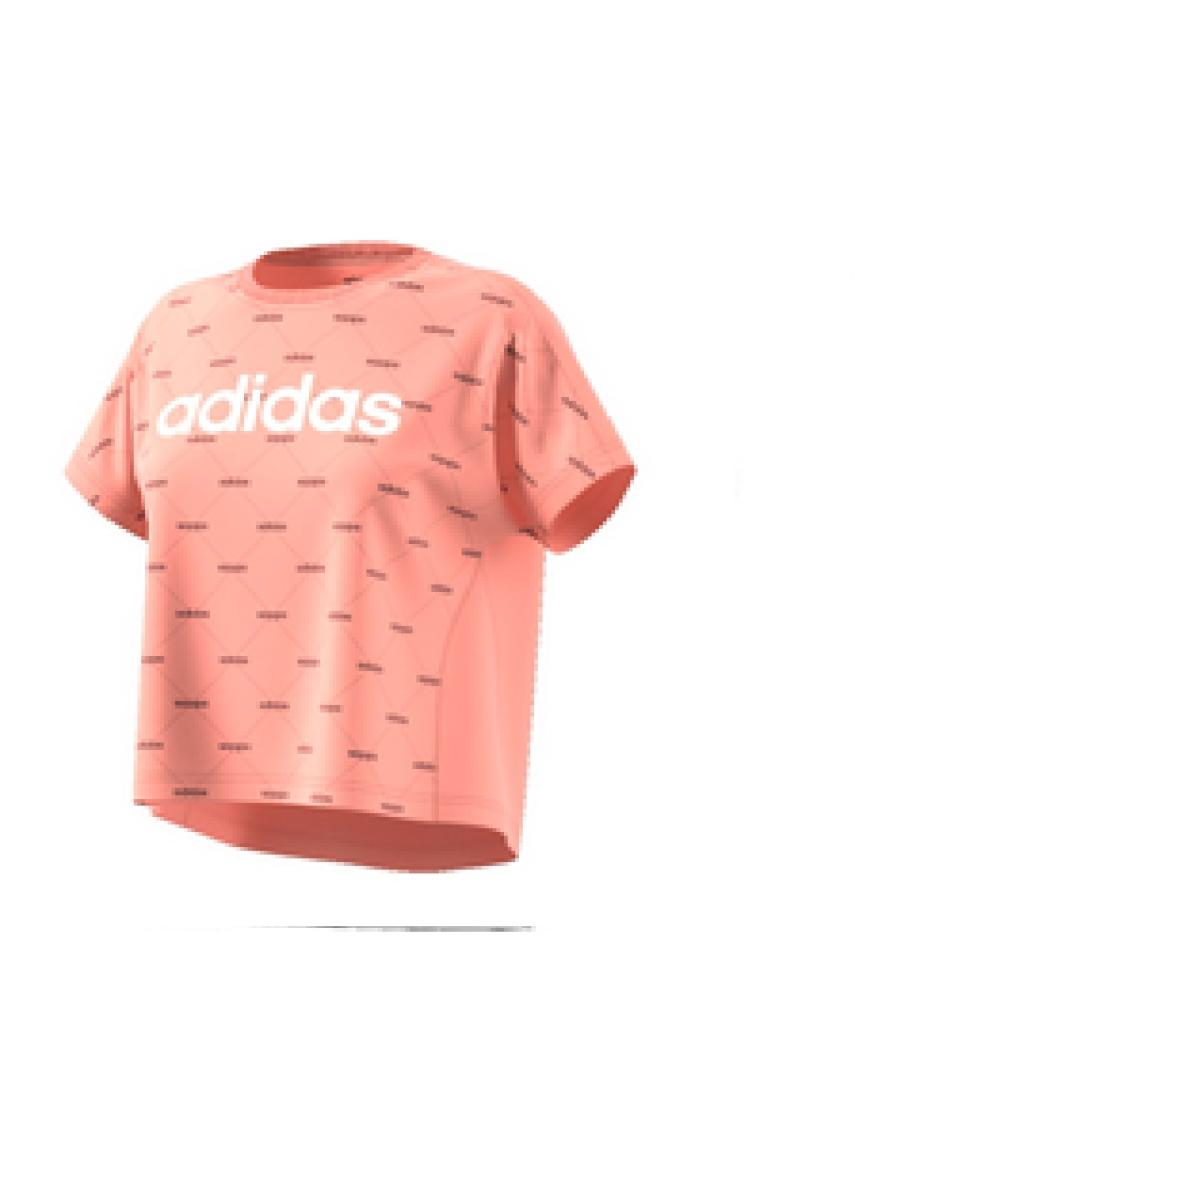 T-shirt Feminino Adidas Ei6245 w Core Fav t Pêssego